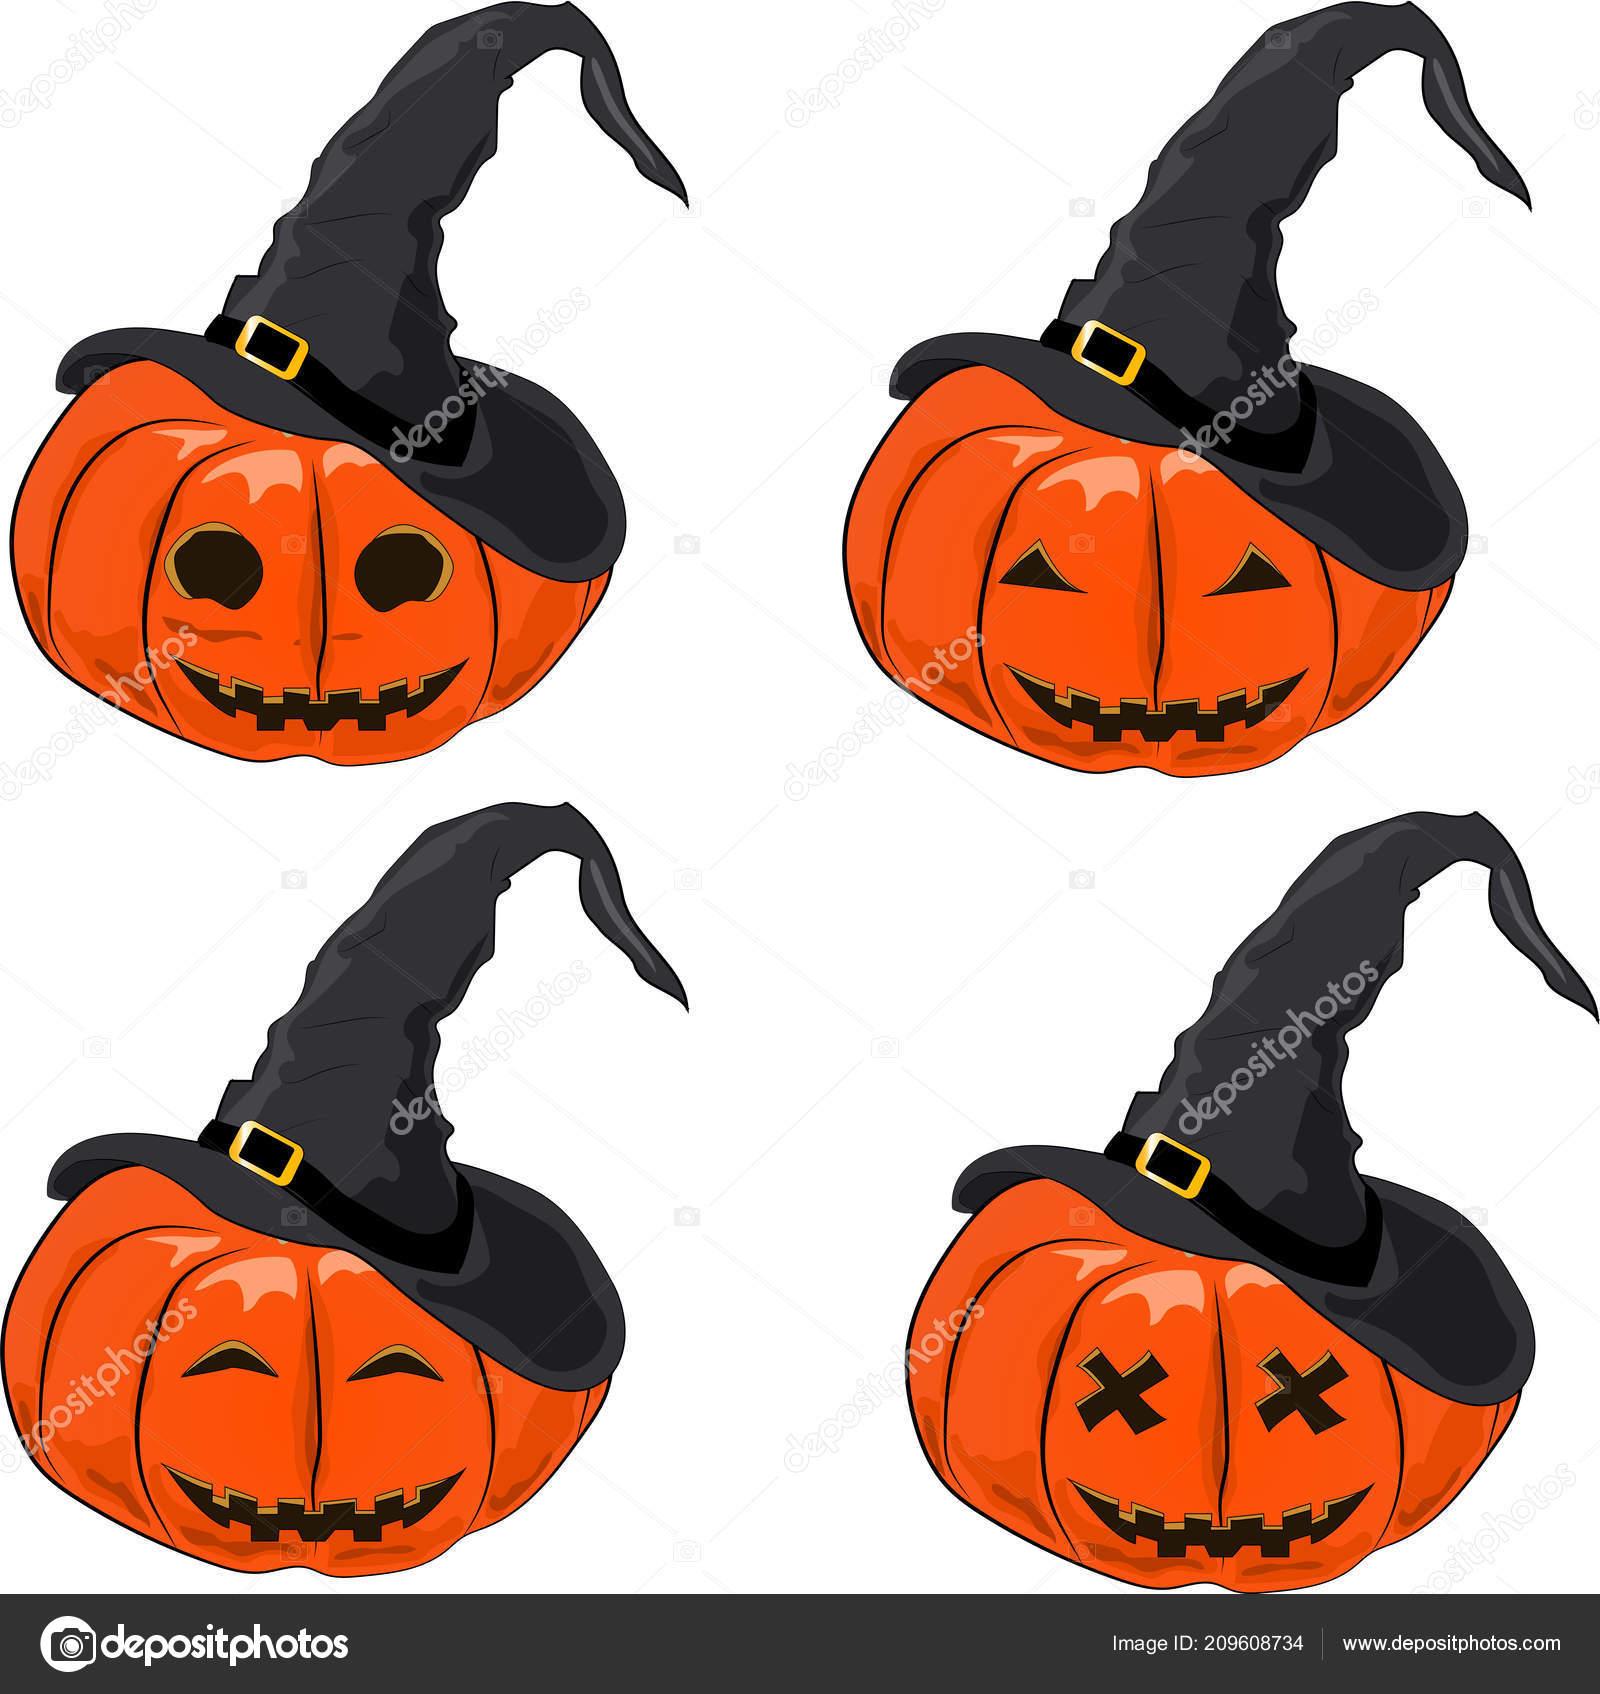 723345b4dd2a1 Conjunto Calabaza Para Halloween Con Sombrero Bruja Sobre Fondo Blanco —  Archivo Imágenes Vectoriales